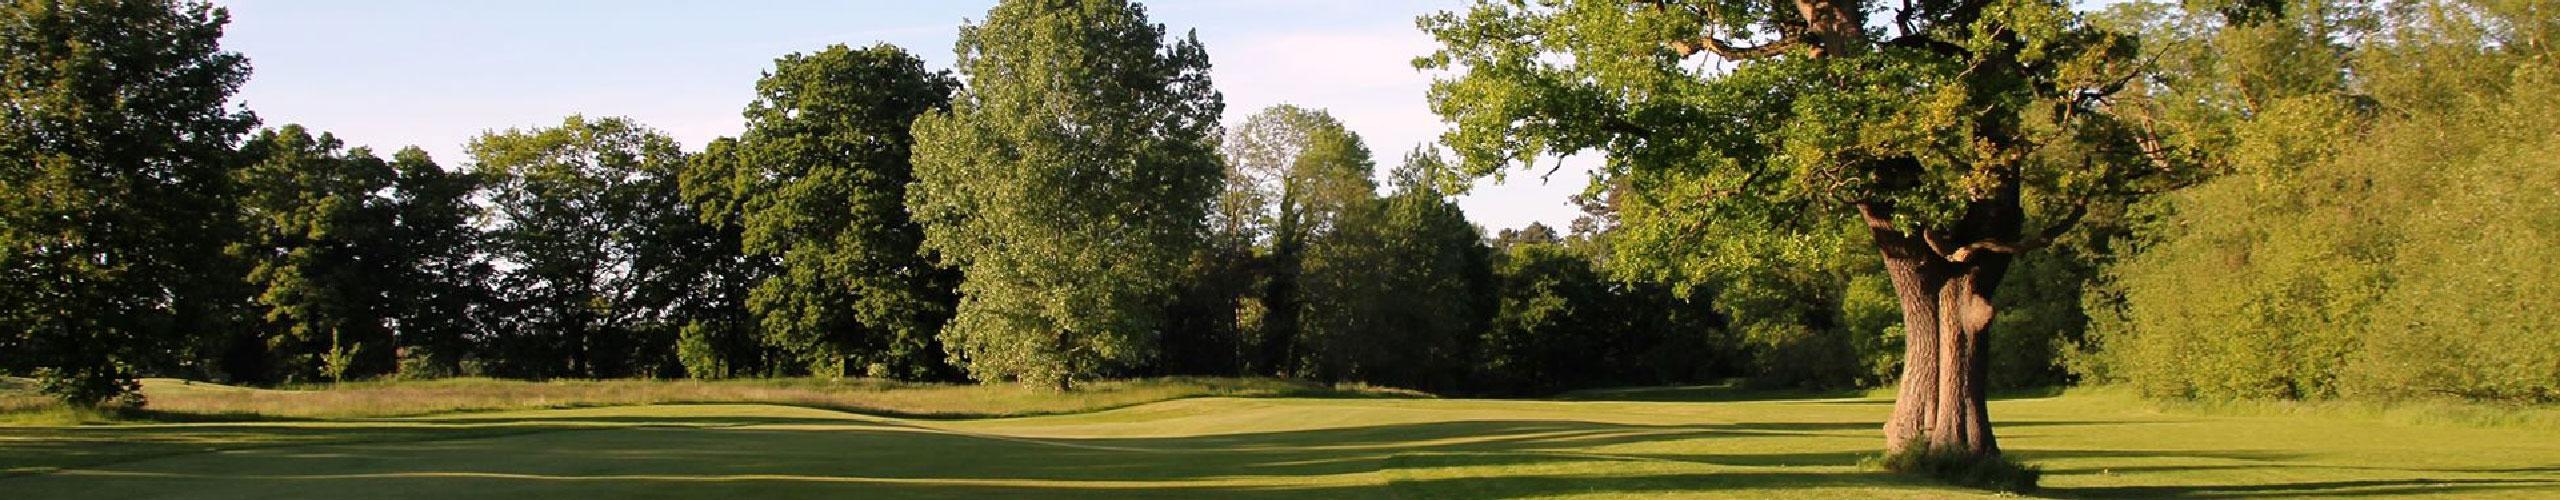 16th Hole Golf Club